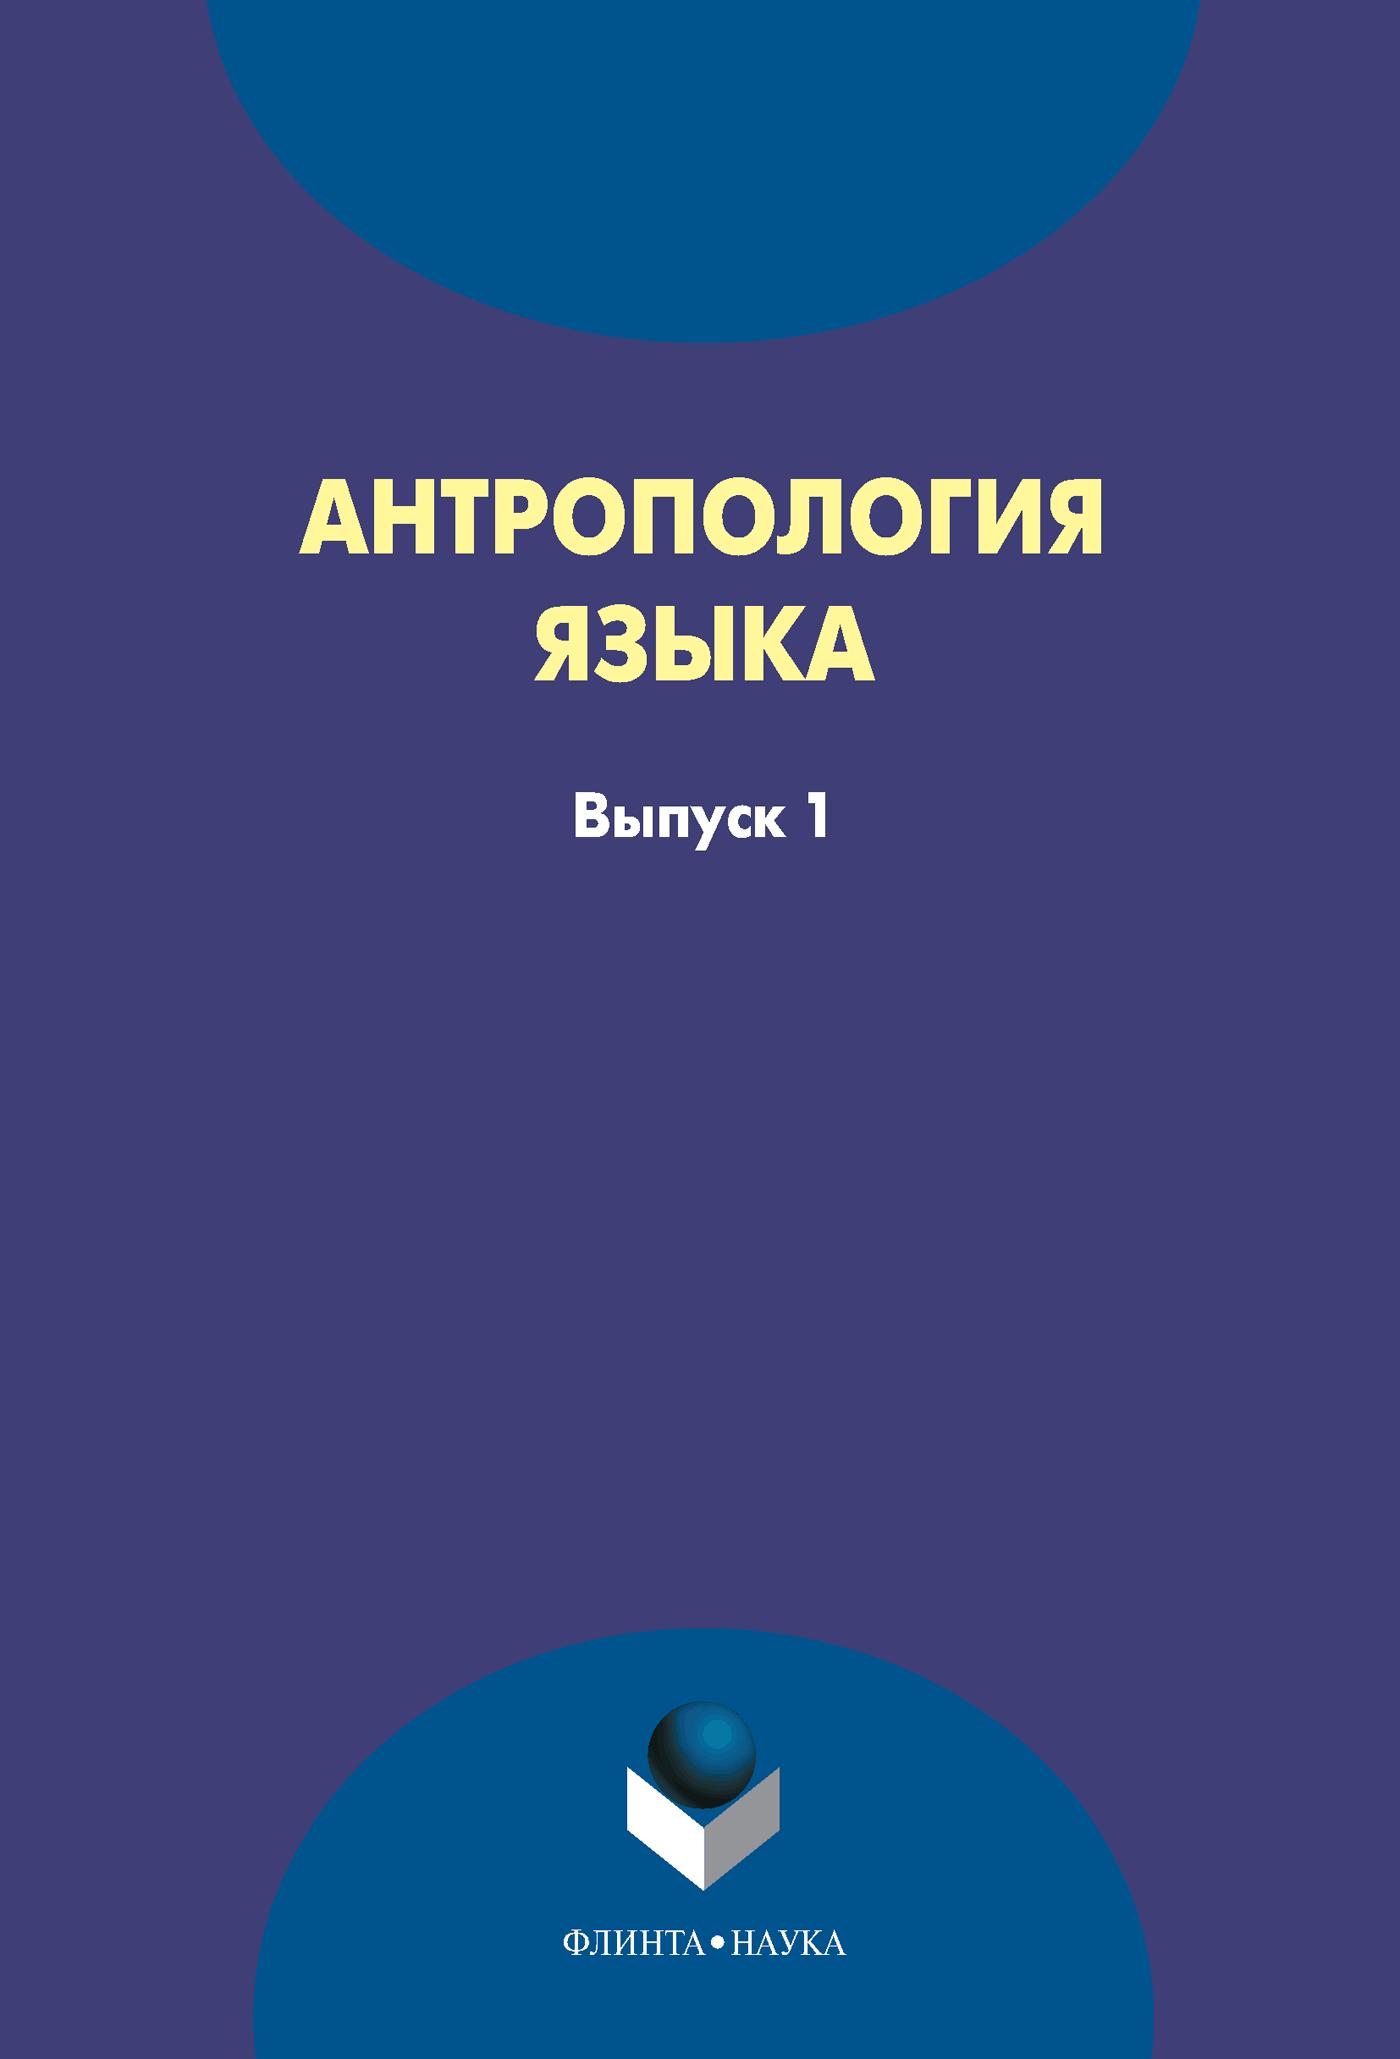 Антропология языка. Выпуск 1